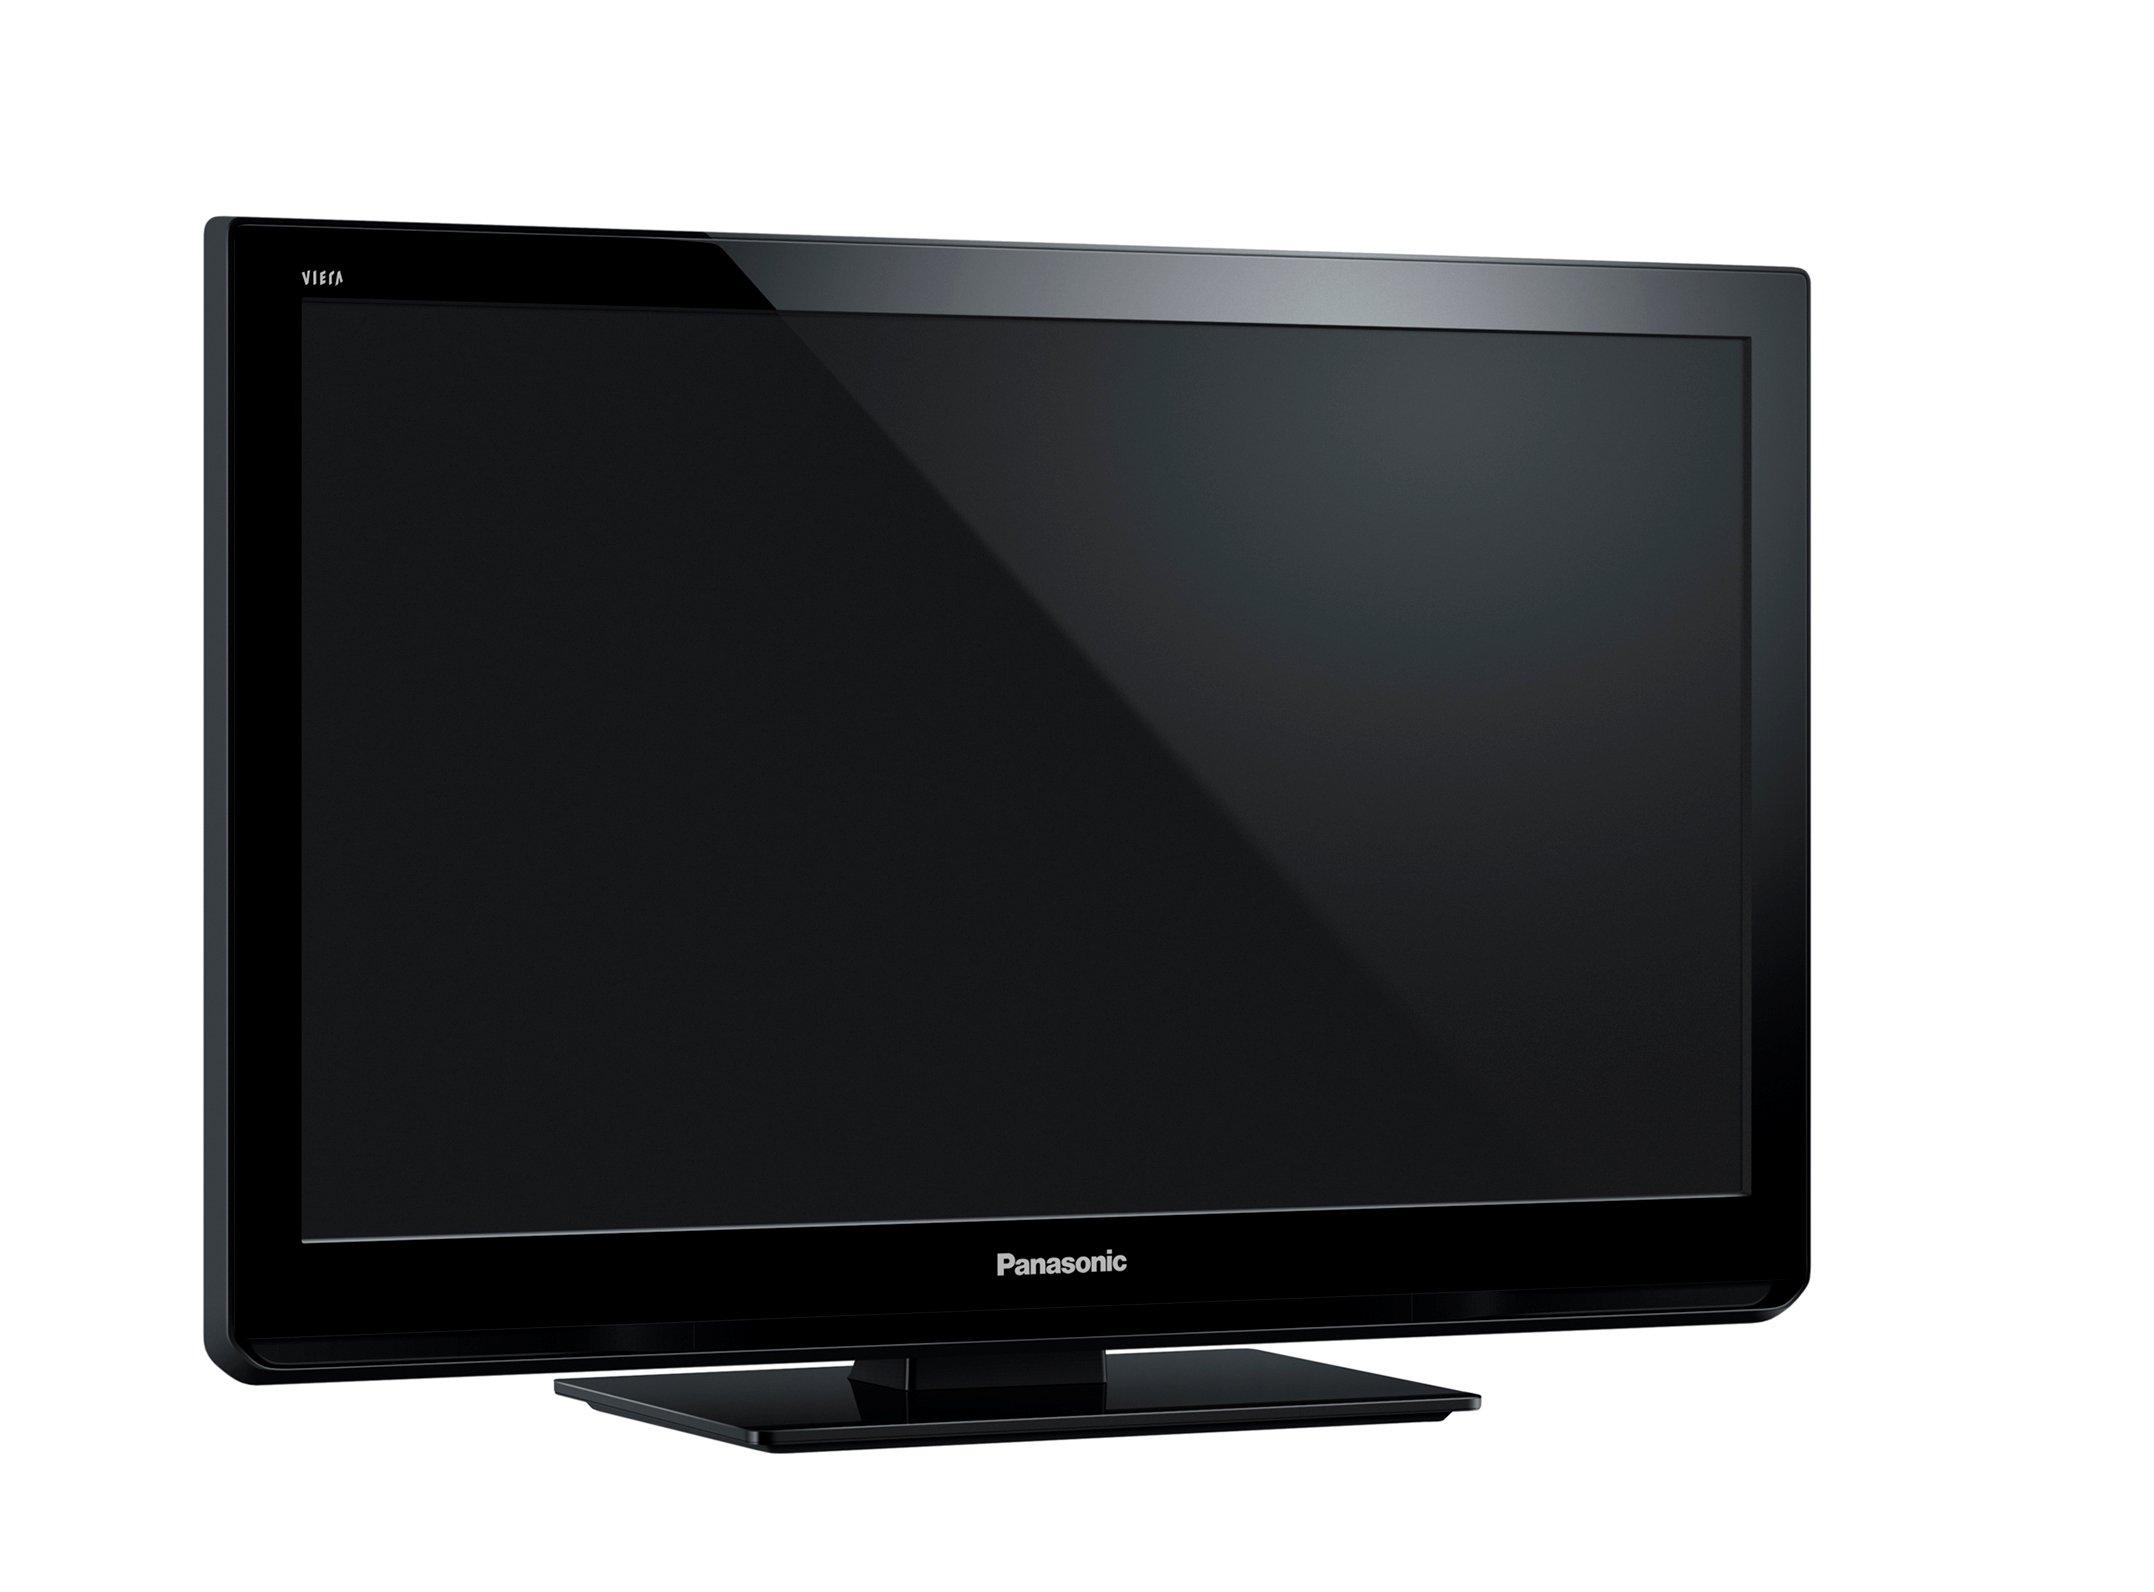 Panasonic Viera TX-L32C3E - Televisión HD, pantalla LCD, 32 pulgadas: Amazon.es: Electrónica